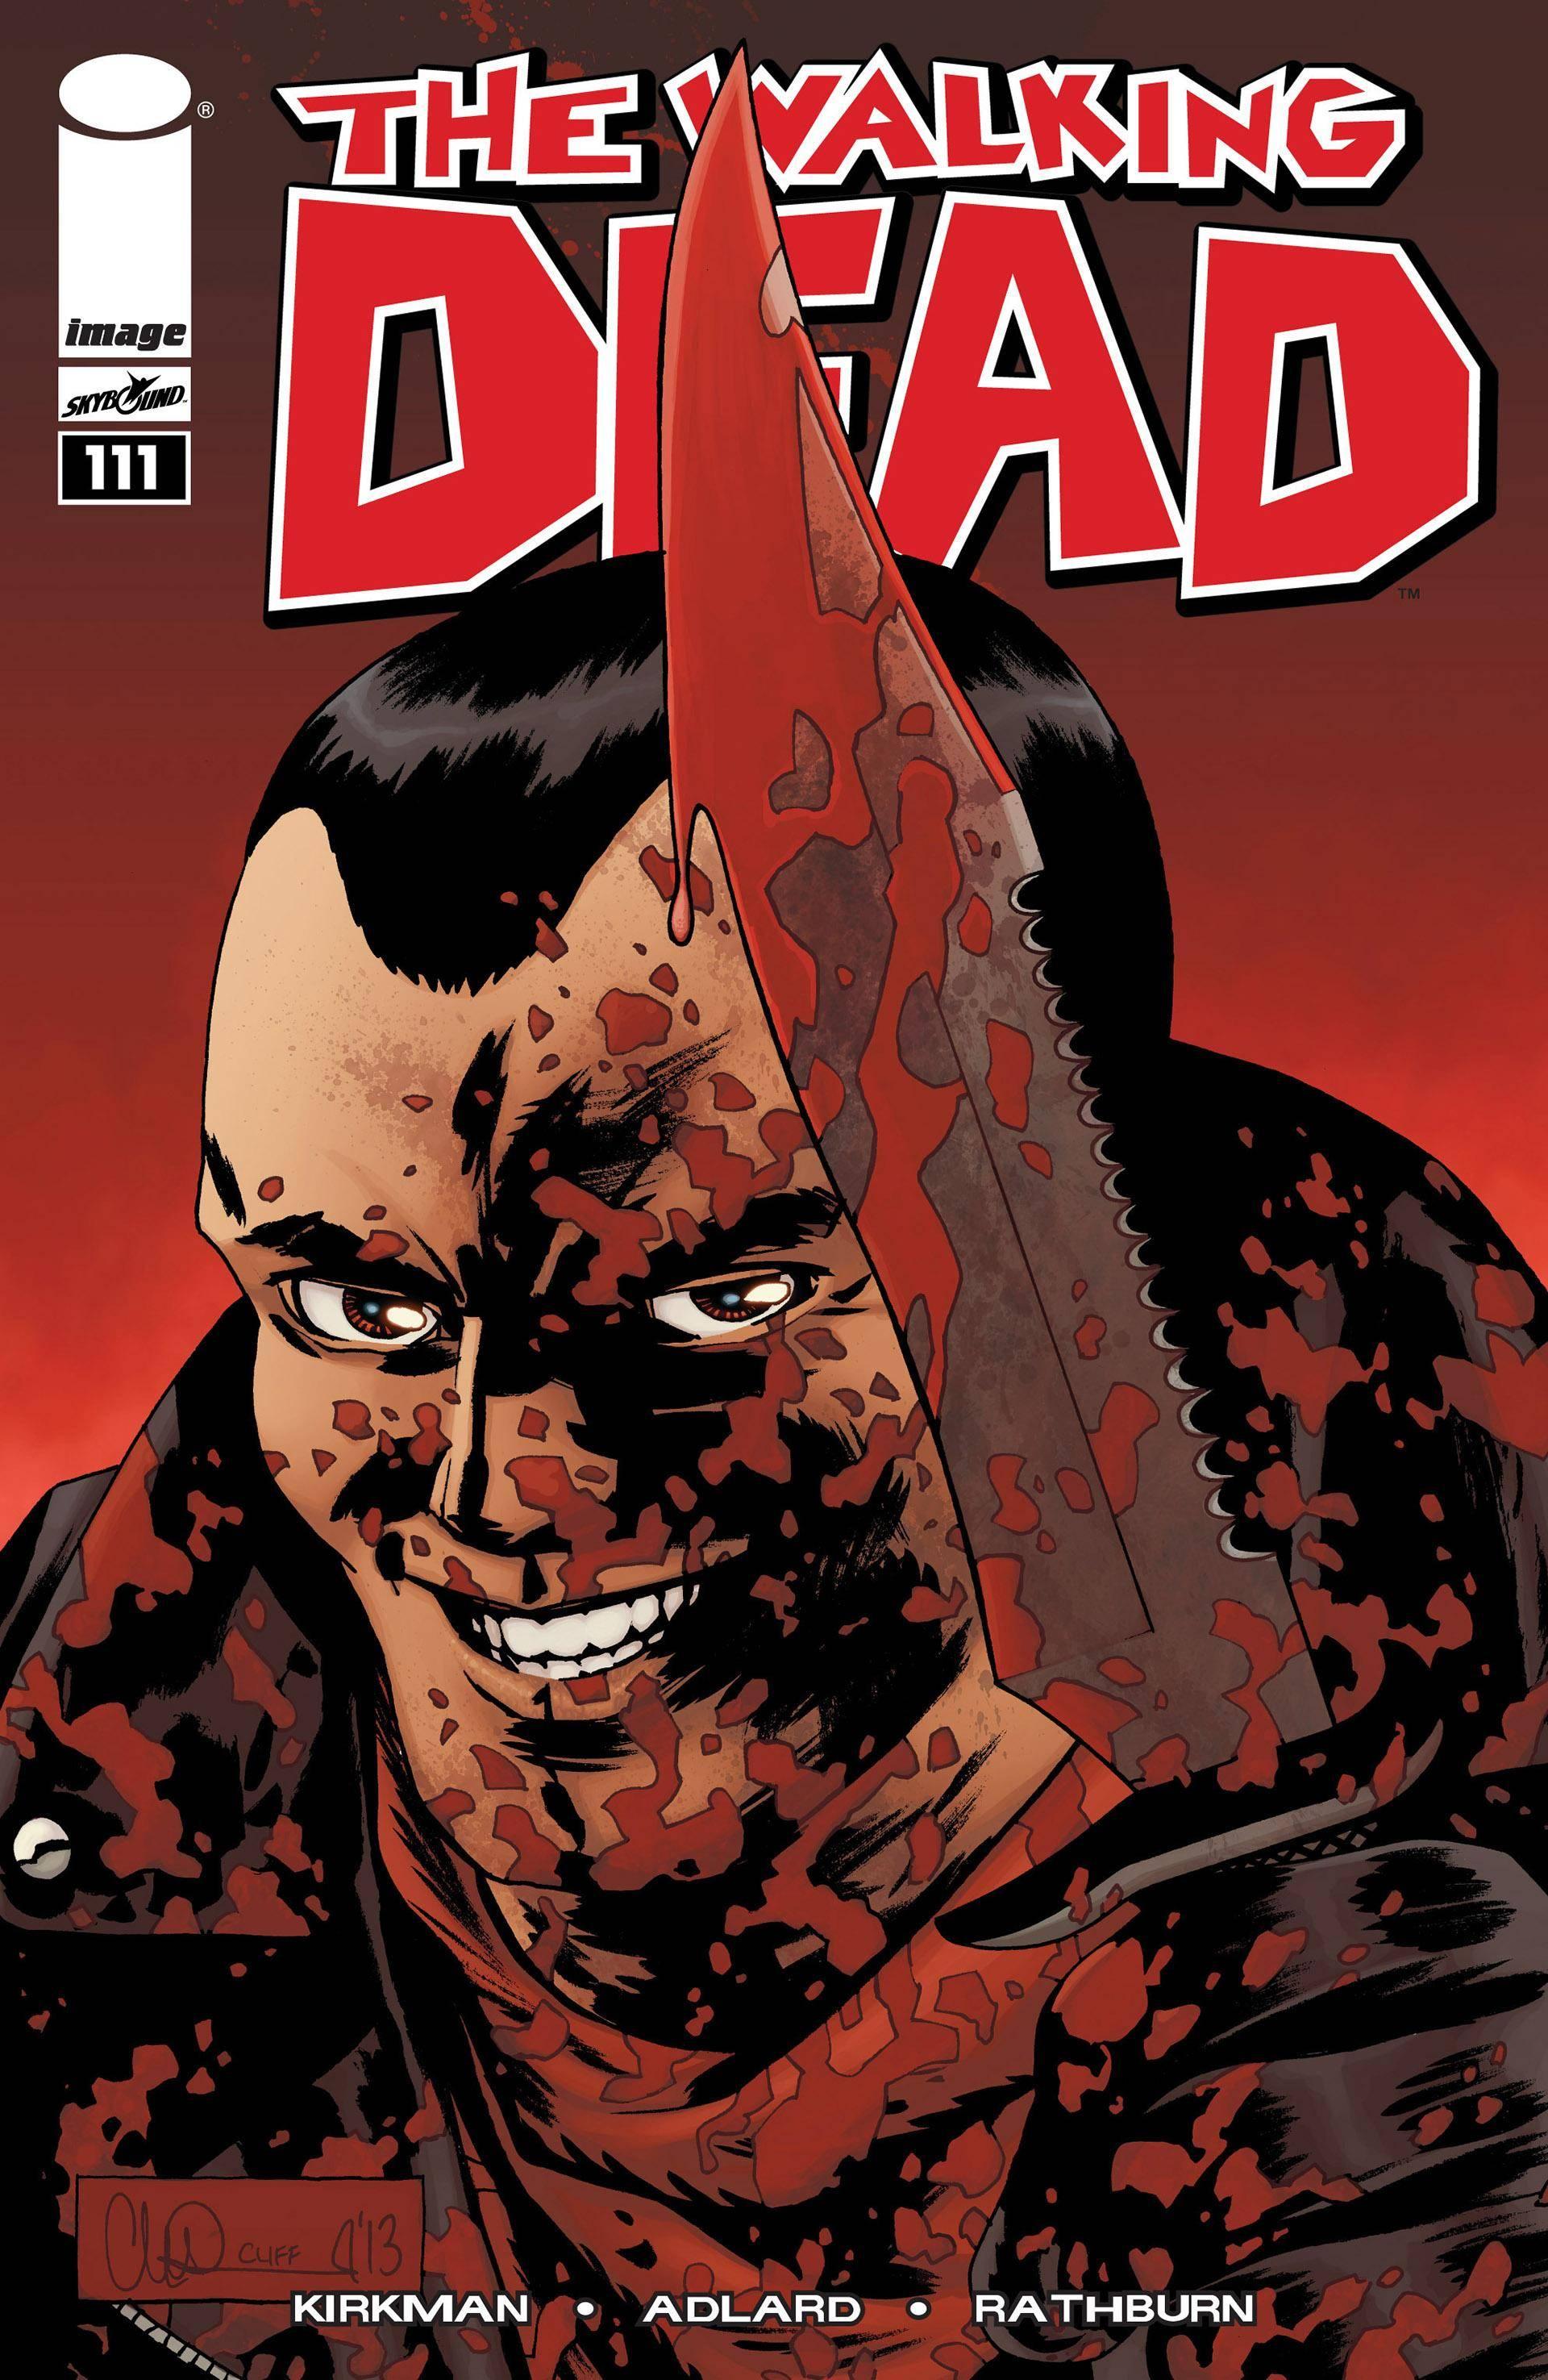 Walking Dead 111 2013 Digital